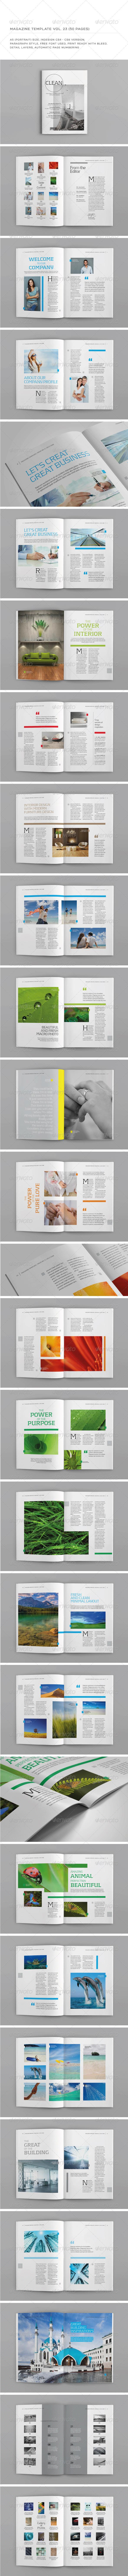 GraphicRiver A5 Portrait 50 Pages MGZ Vol 23 5997951